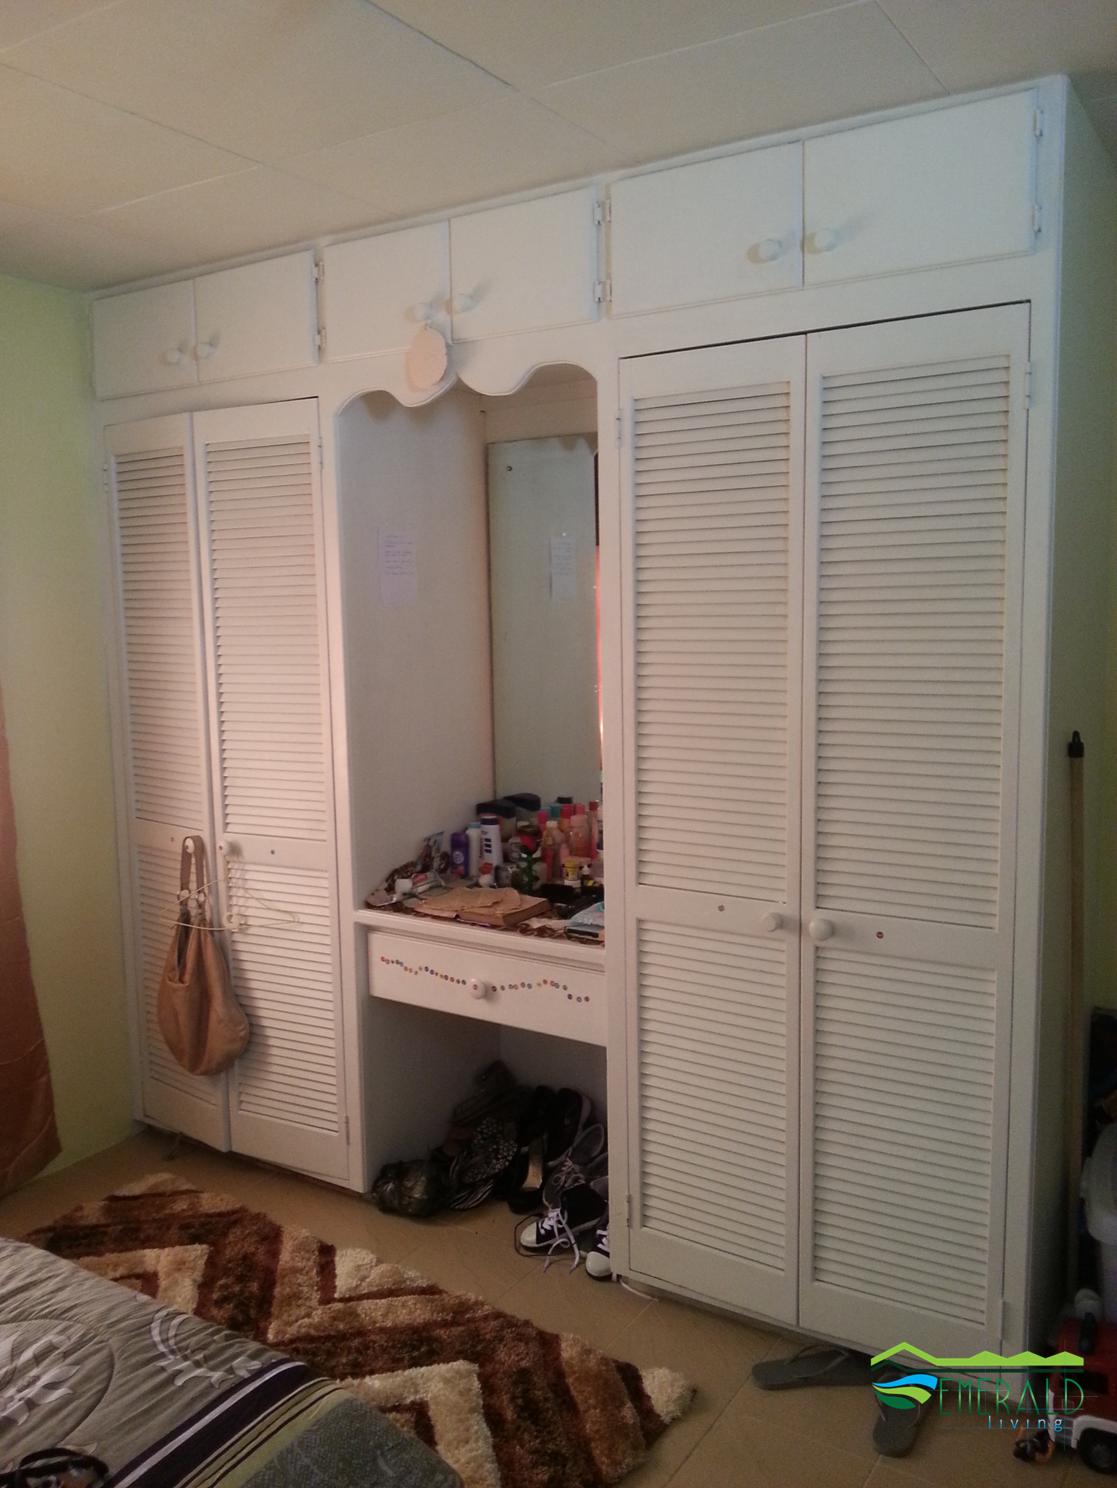 EMERALD LIVING | Bedroom Closet